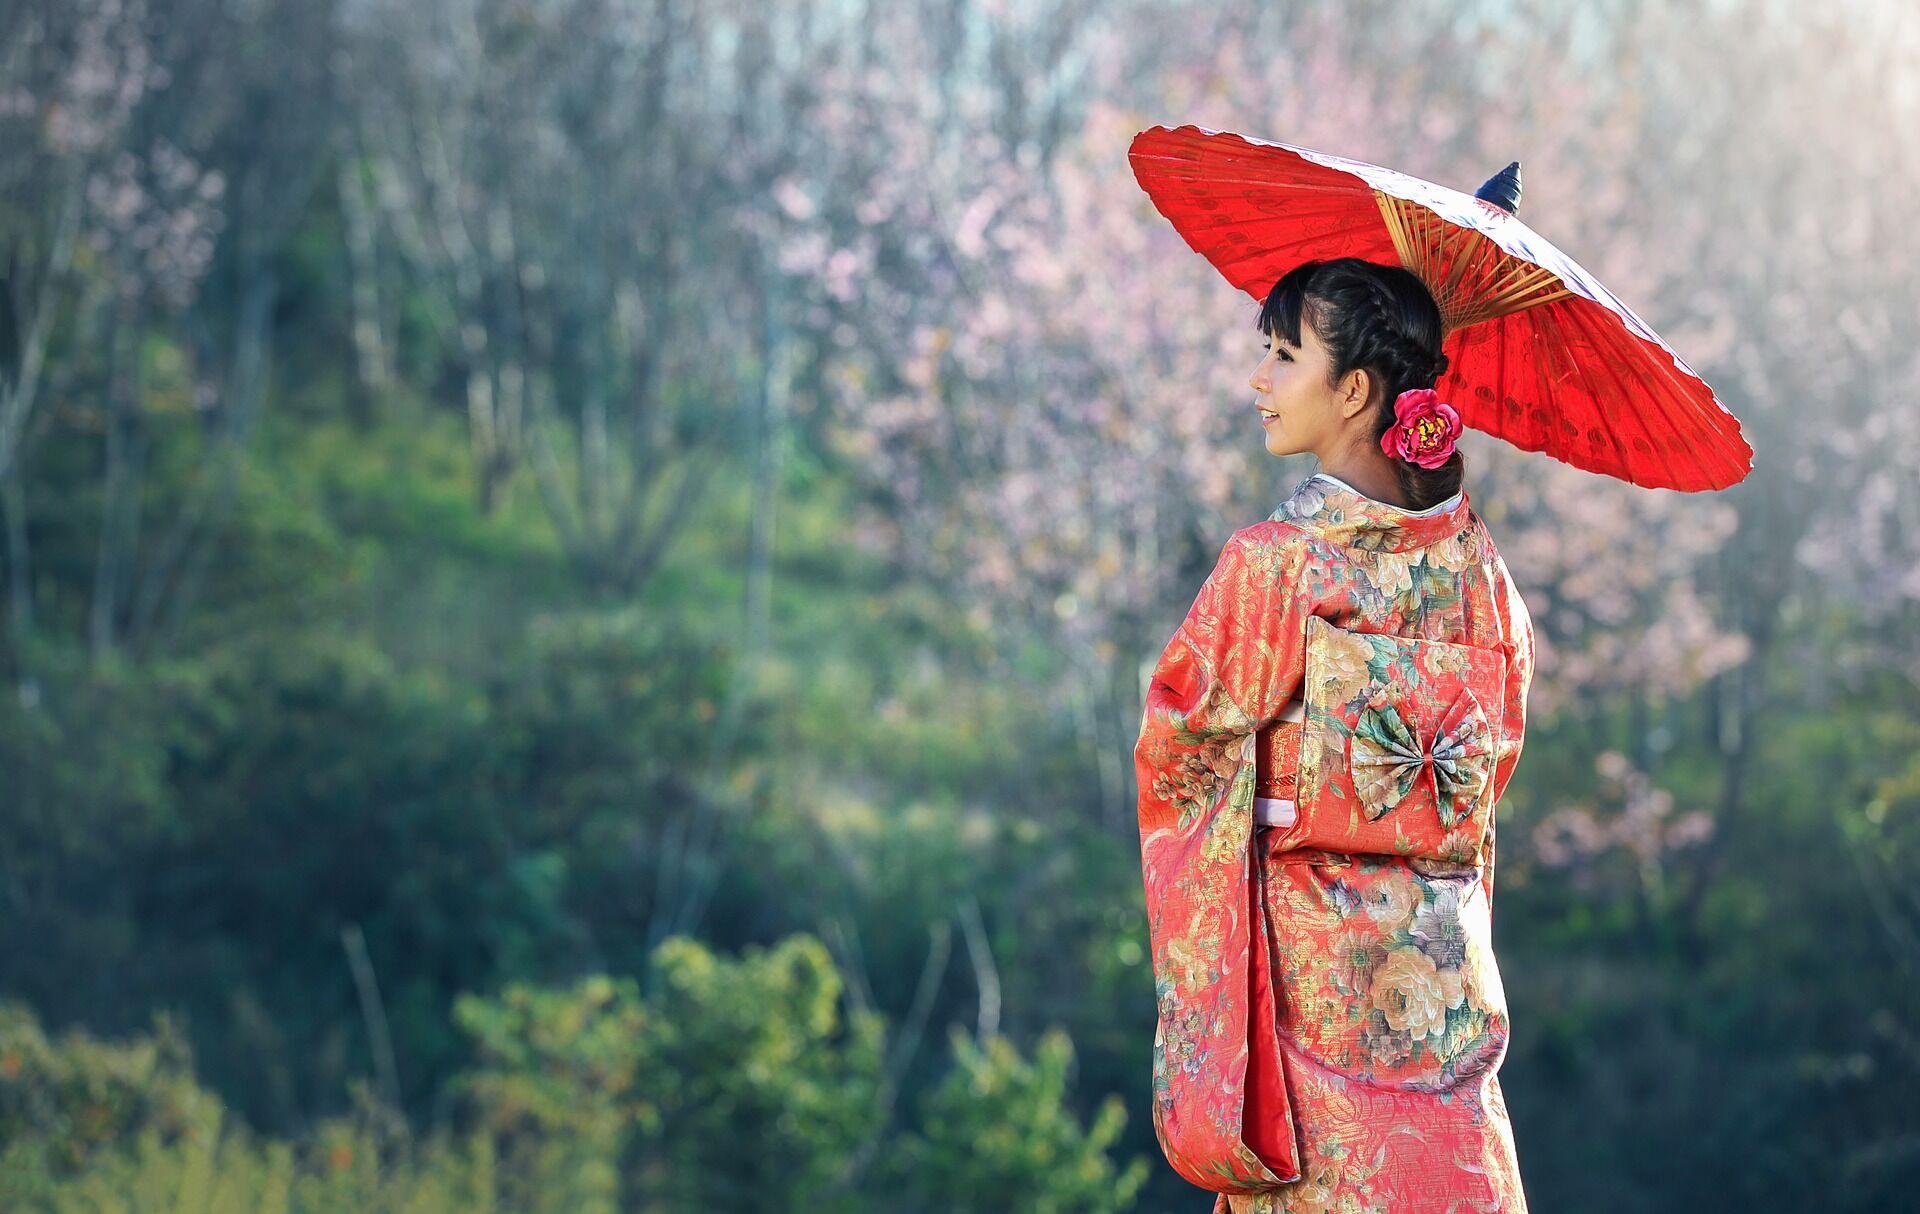 Dilimizde Karşılığı Olmayan Özel 11 Japonca Kelime